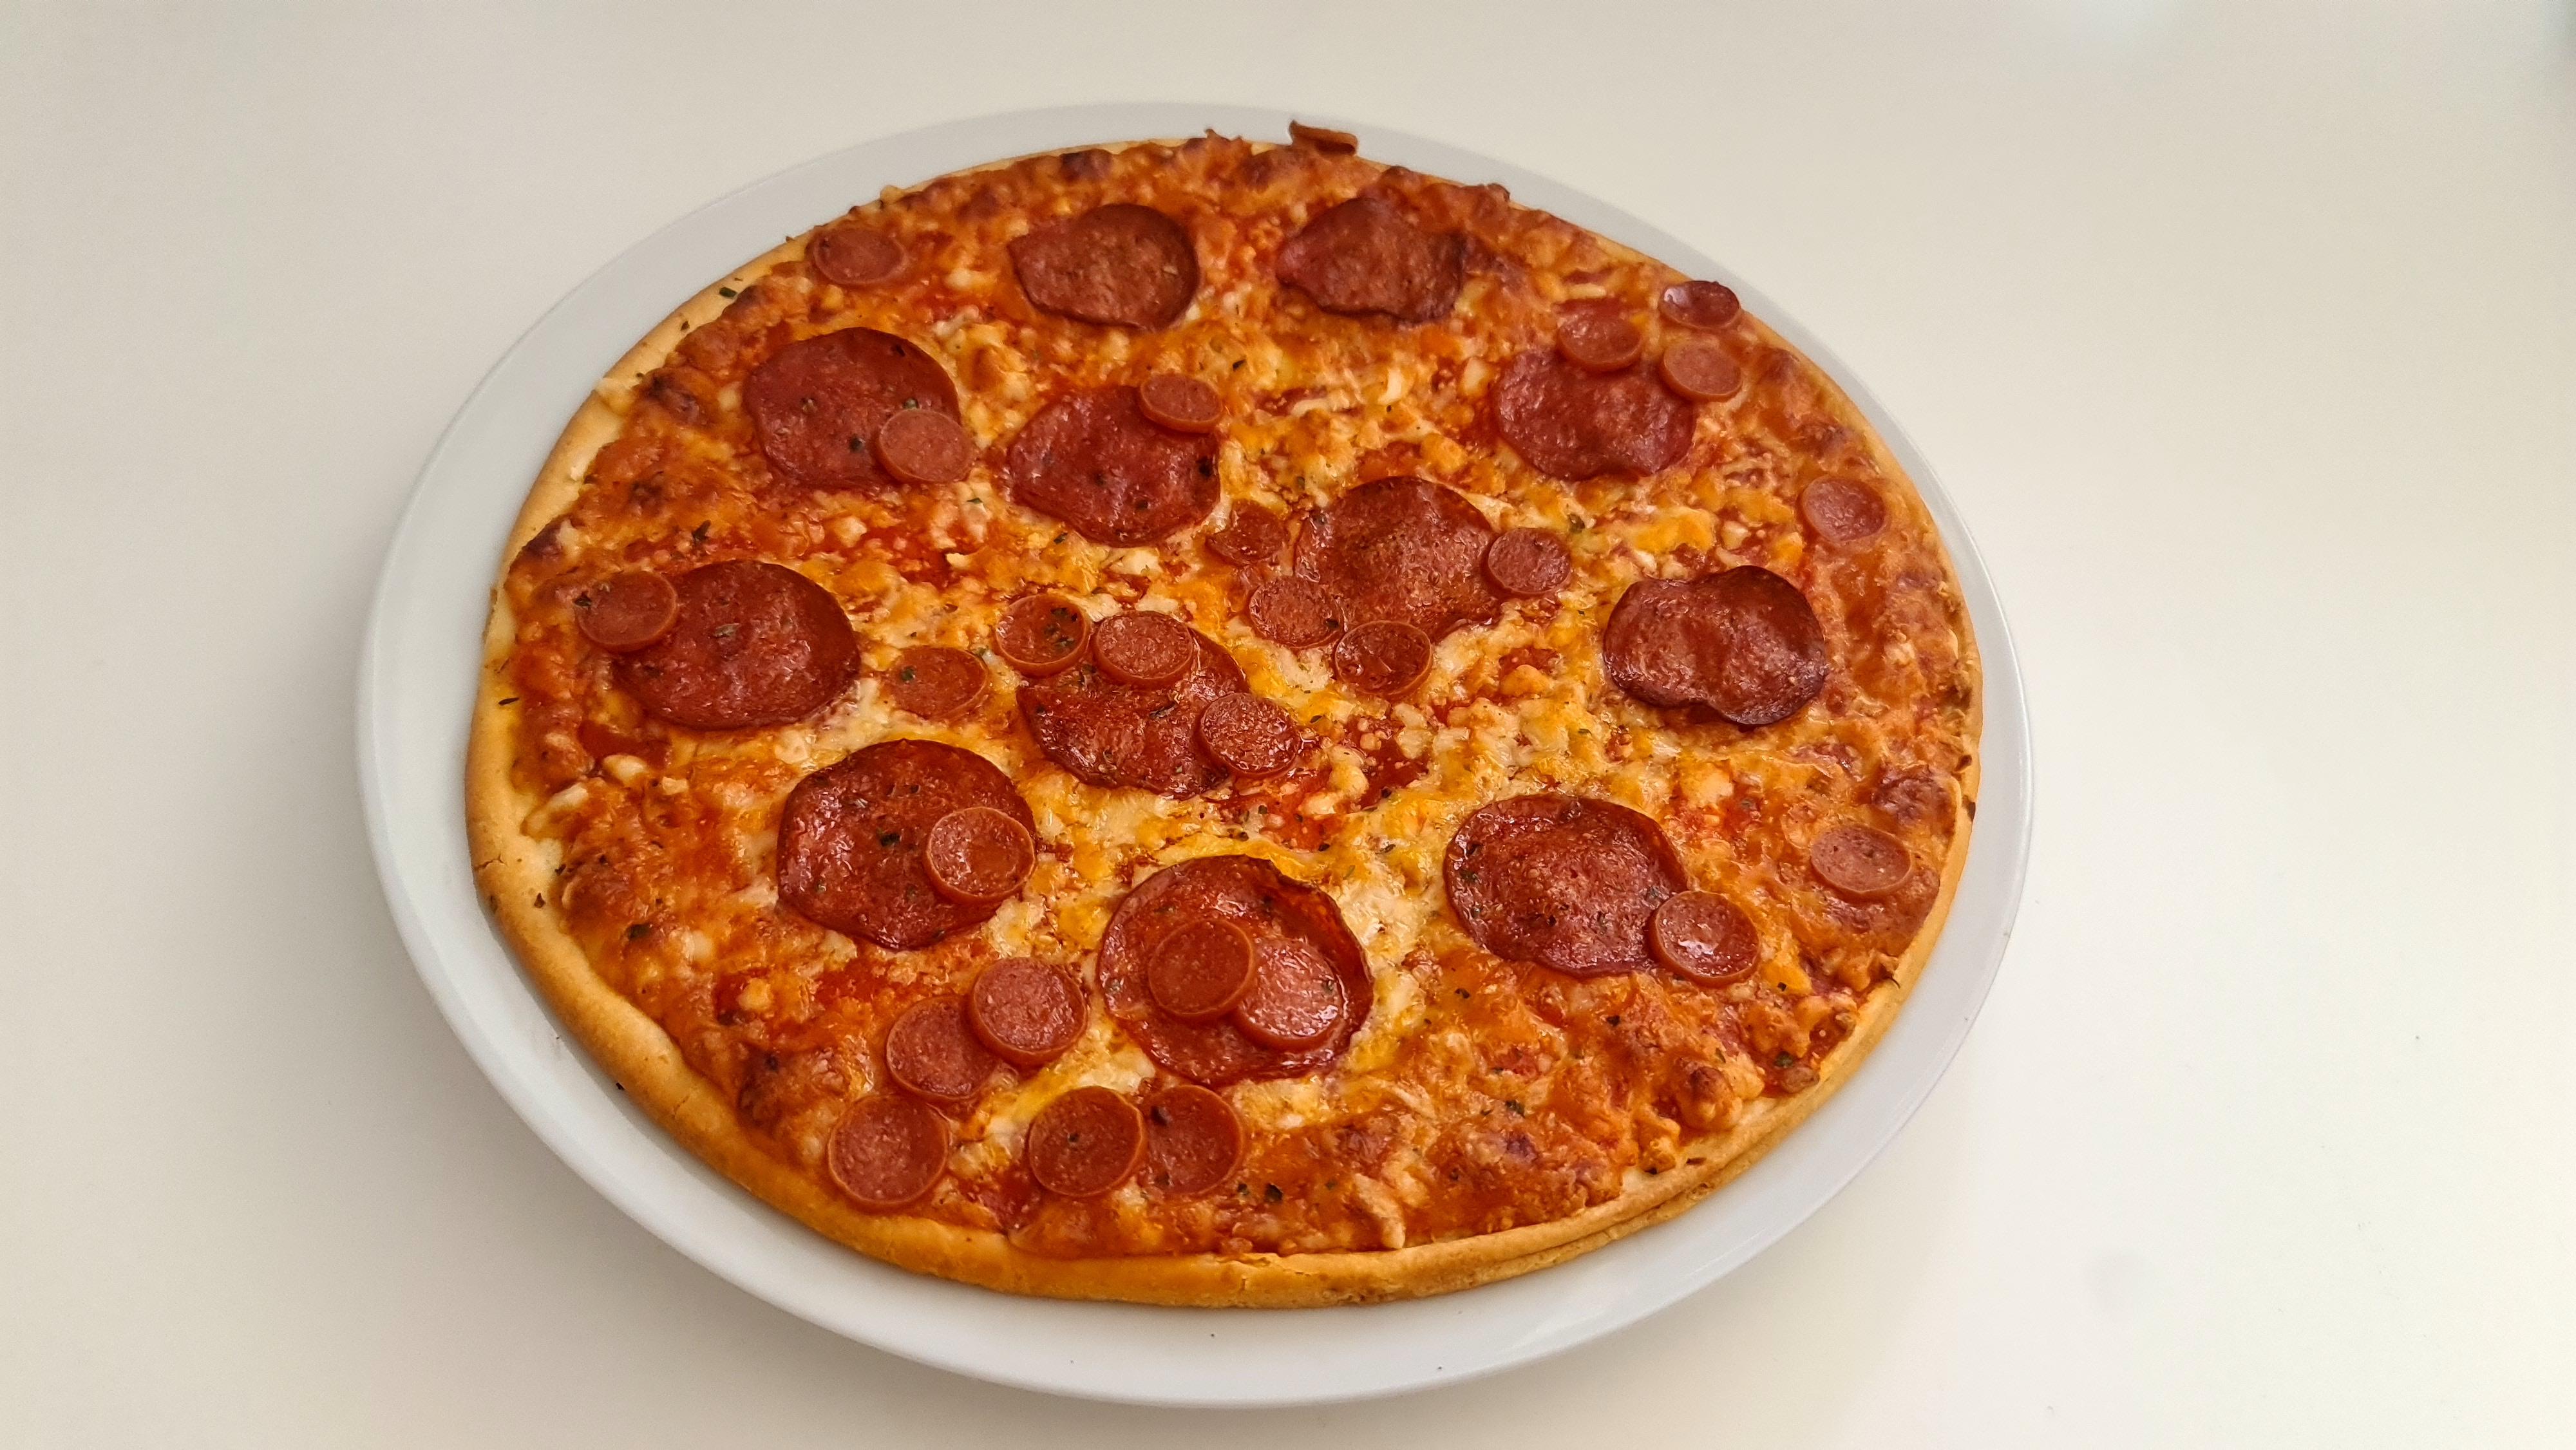 https://foodloader.net/Holz_2020-09-24_Pizza.jpg